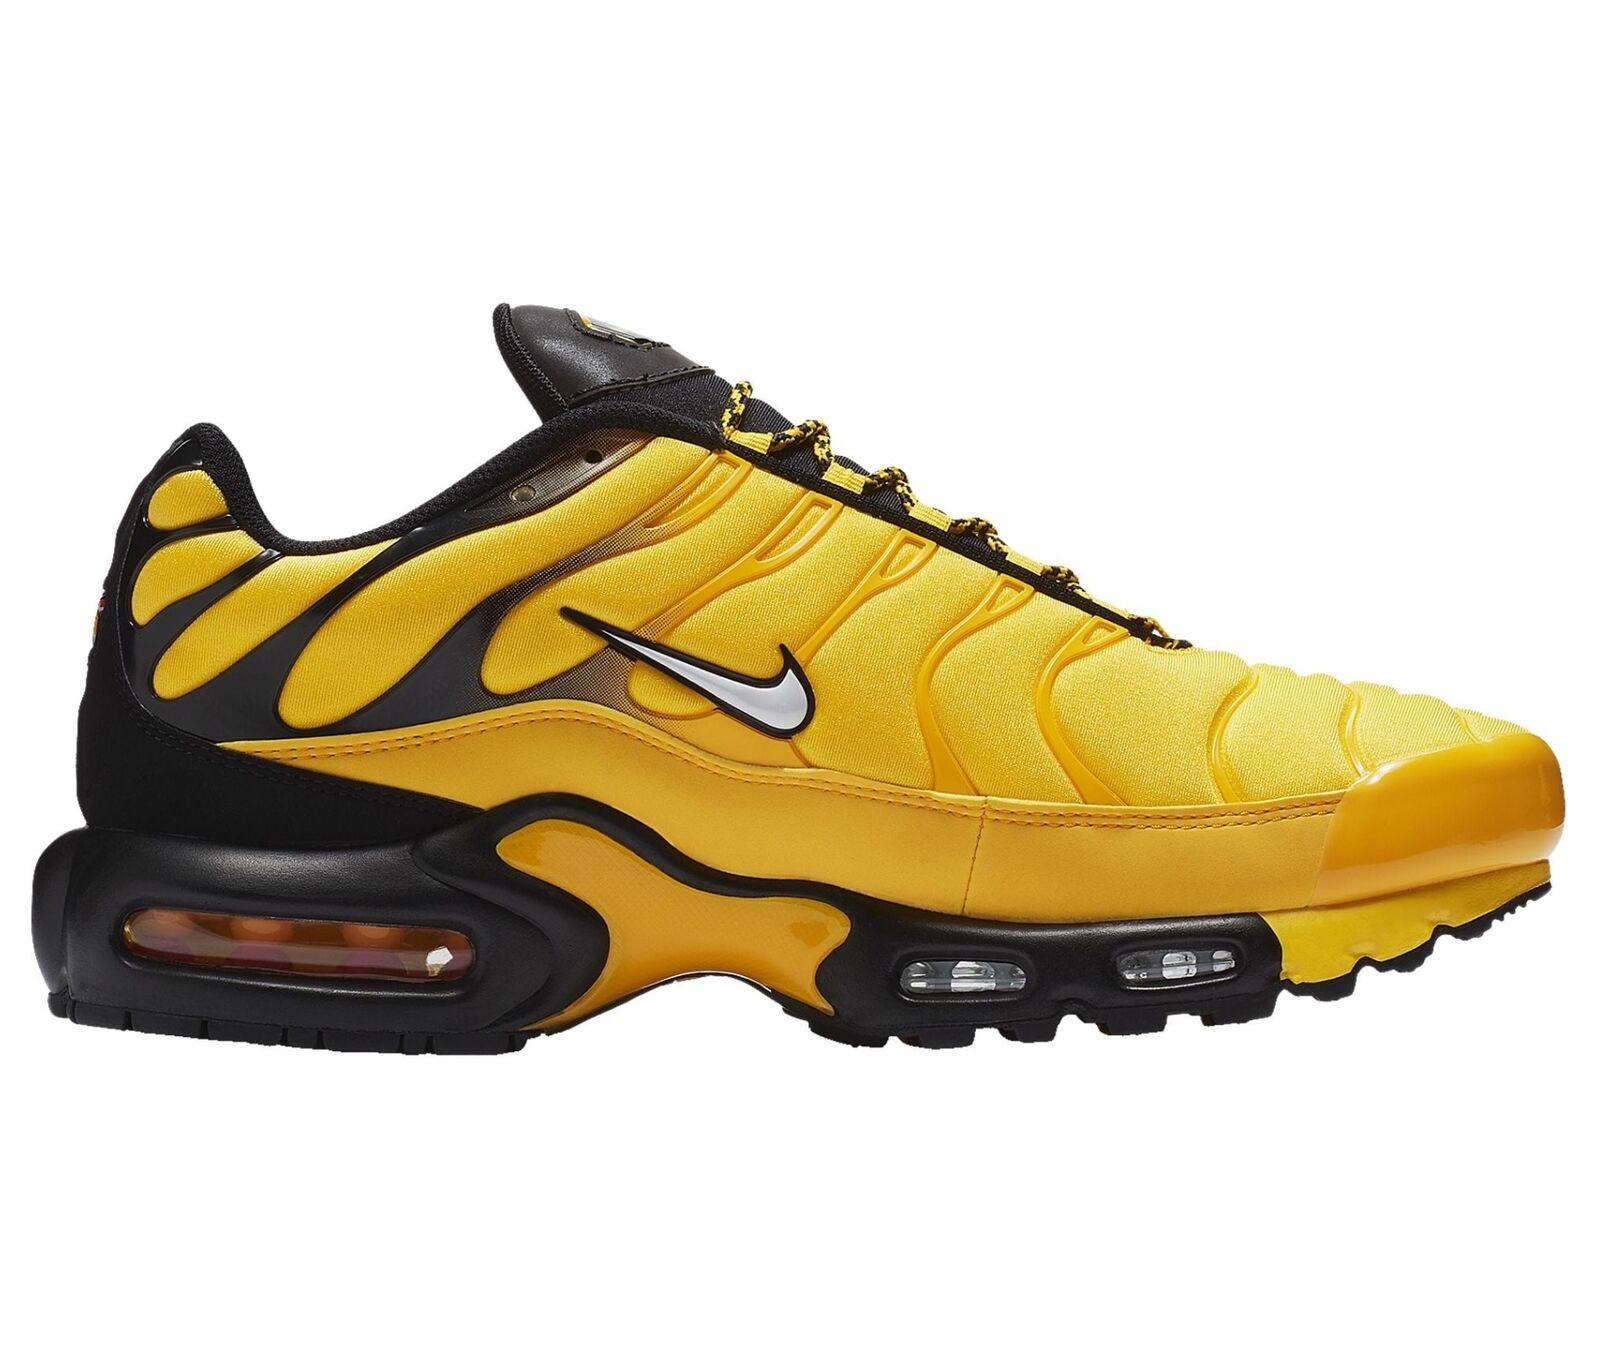 Nike Air Air Air Max Plus Frequency Pack Uomo AV7940-700 giallo nero scarpe Dimensione 11 9e8799